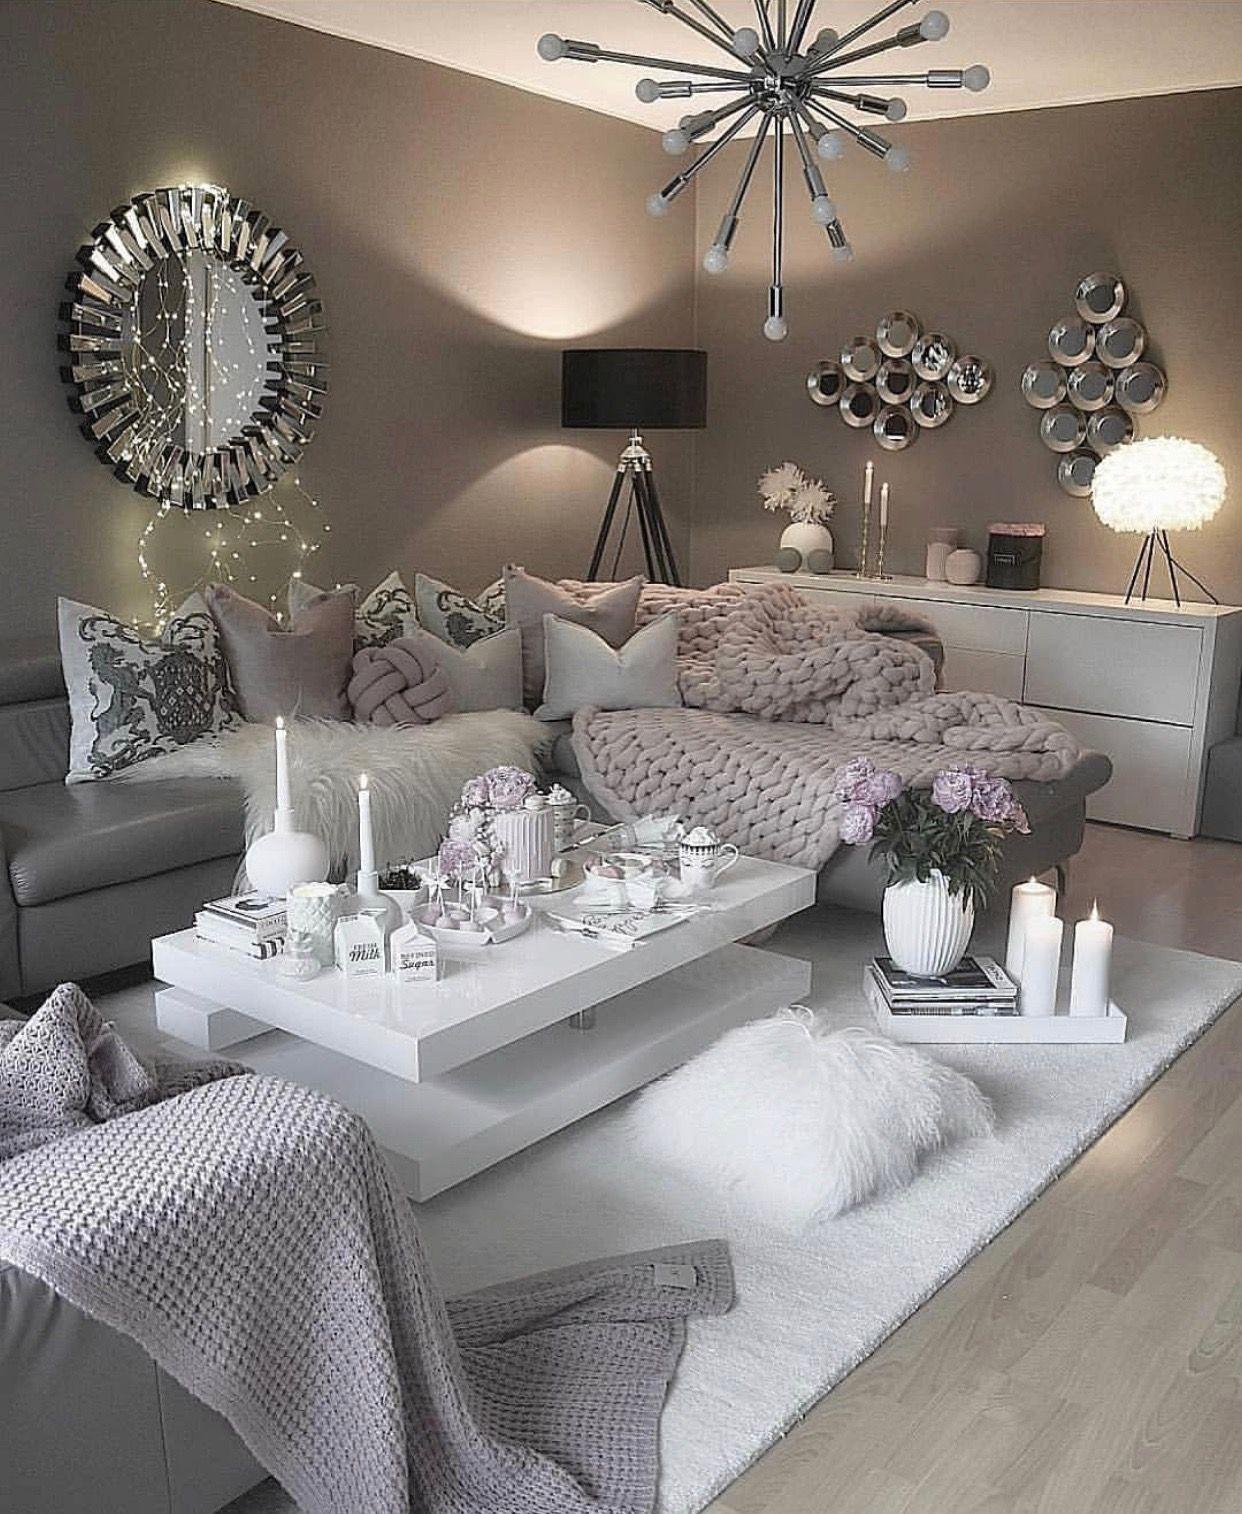 Epingle Par Suzie Leigh Sur Home Decorating Decoration Salon